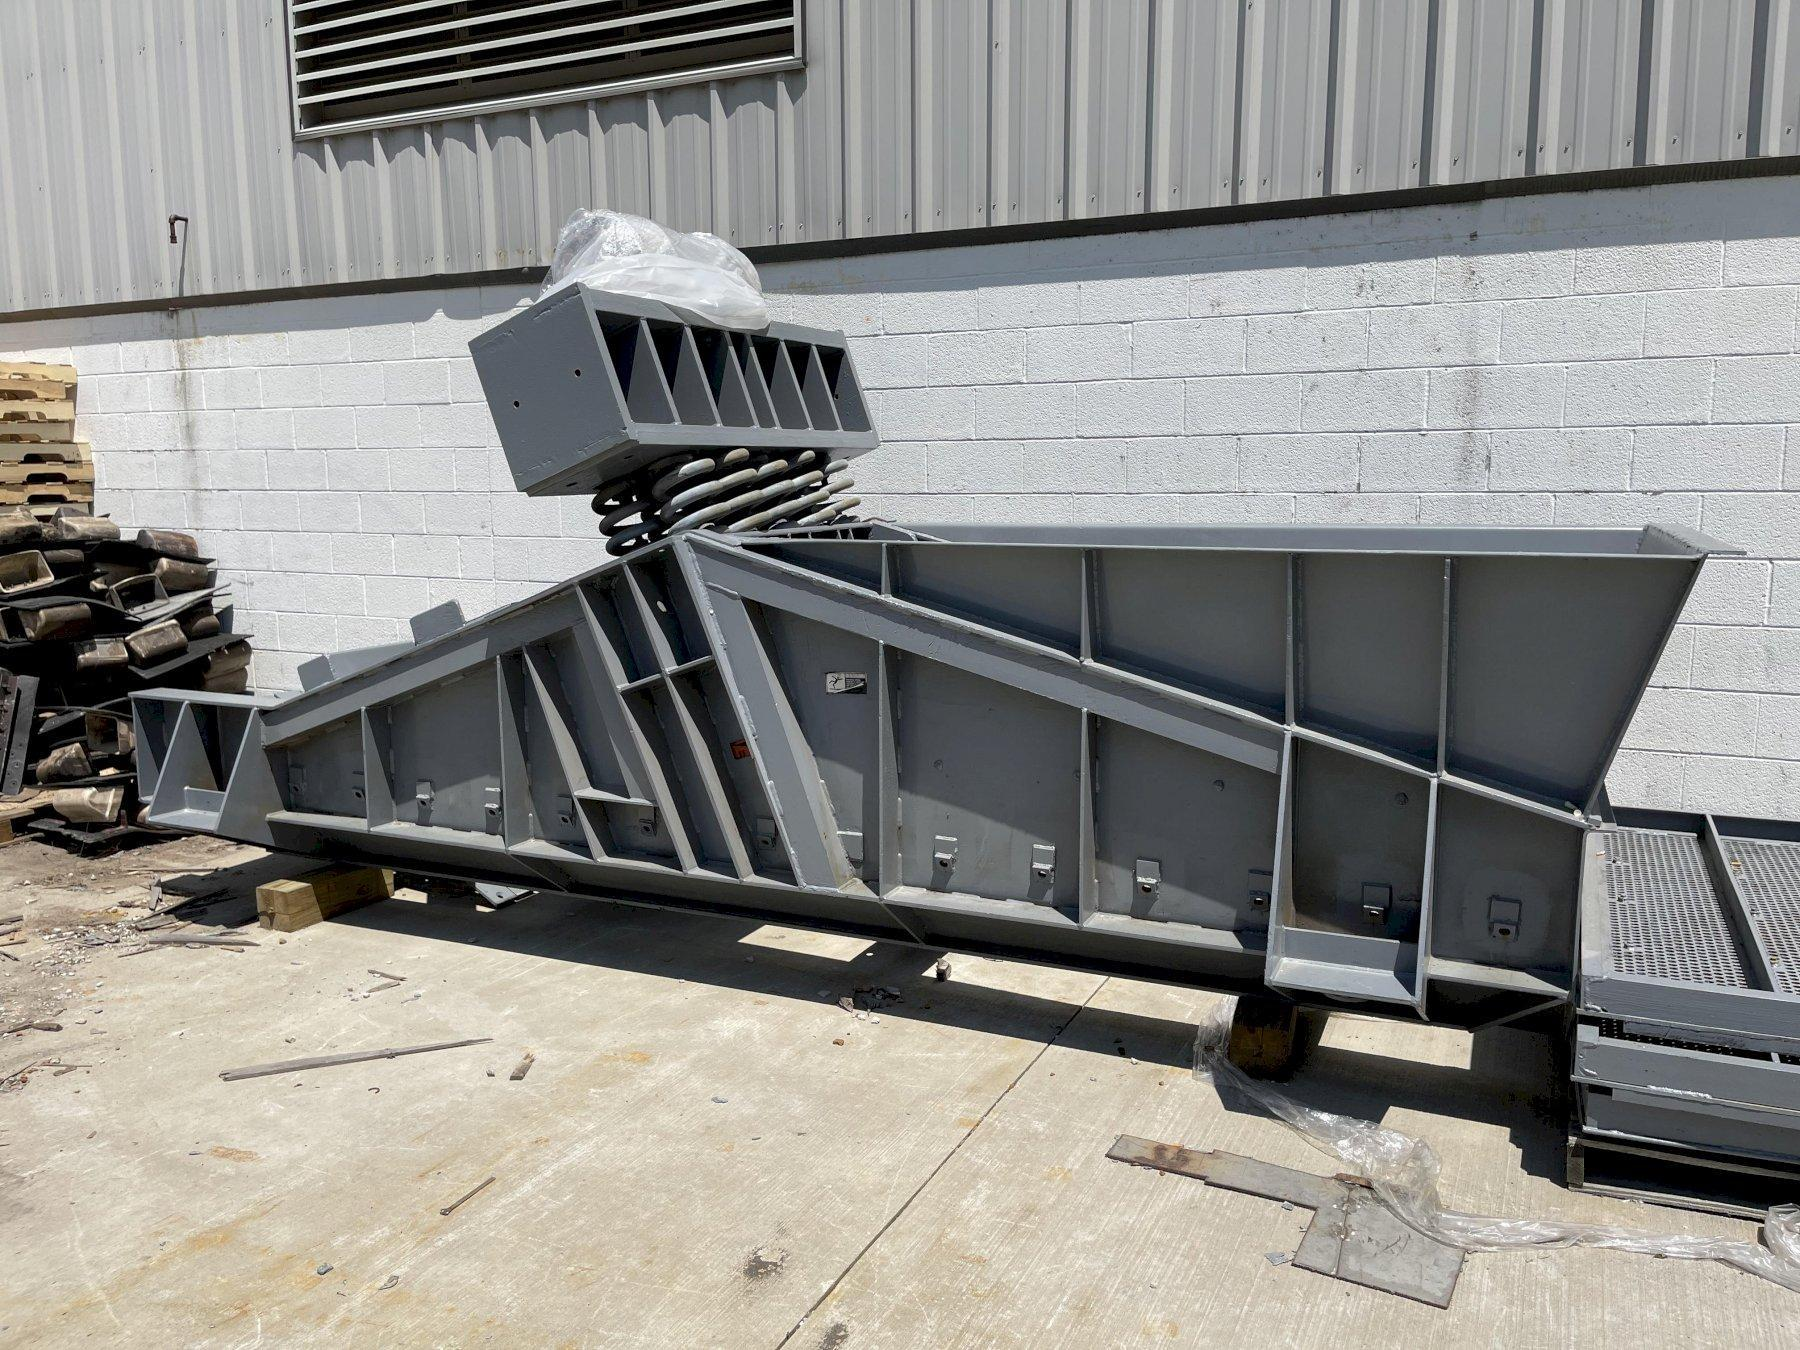 G/K 15'顶驱落砂与2.7马力驱动,新的上下甲板